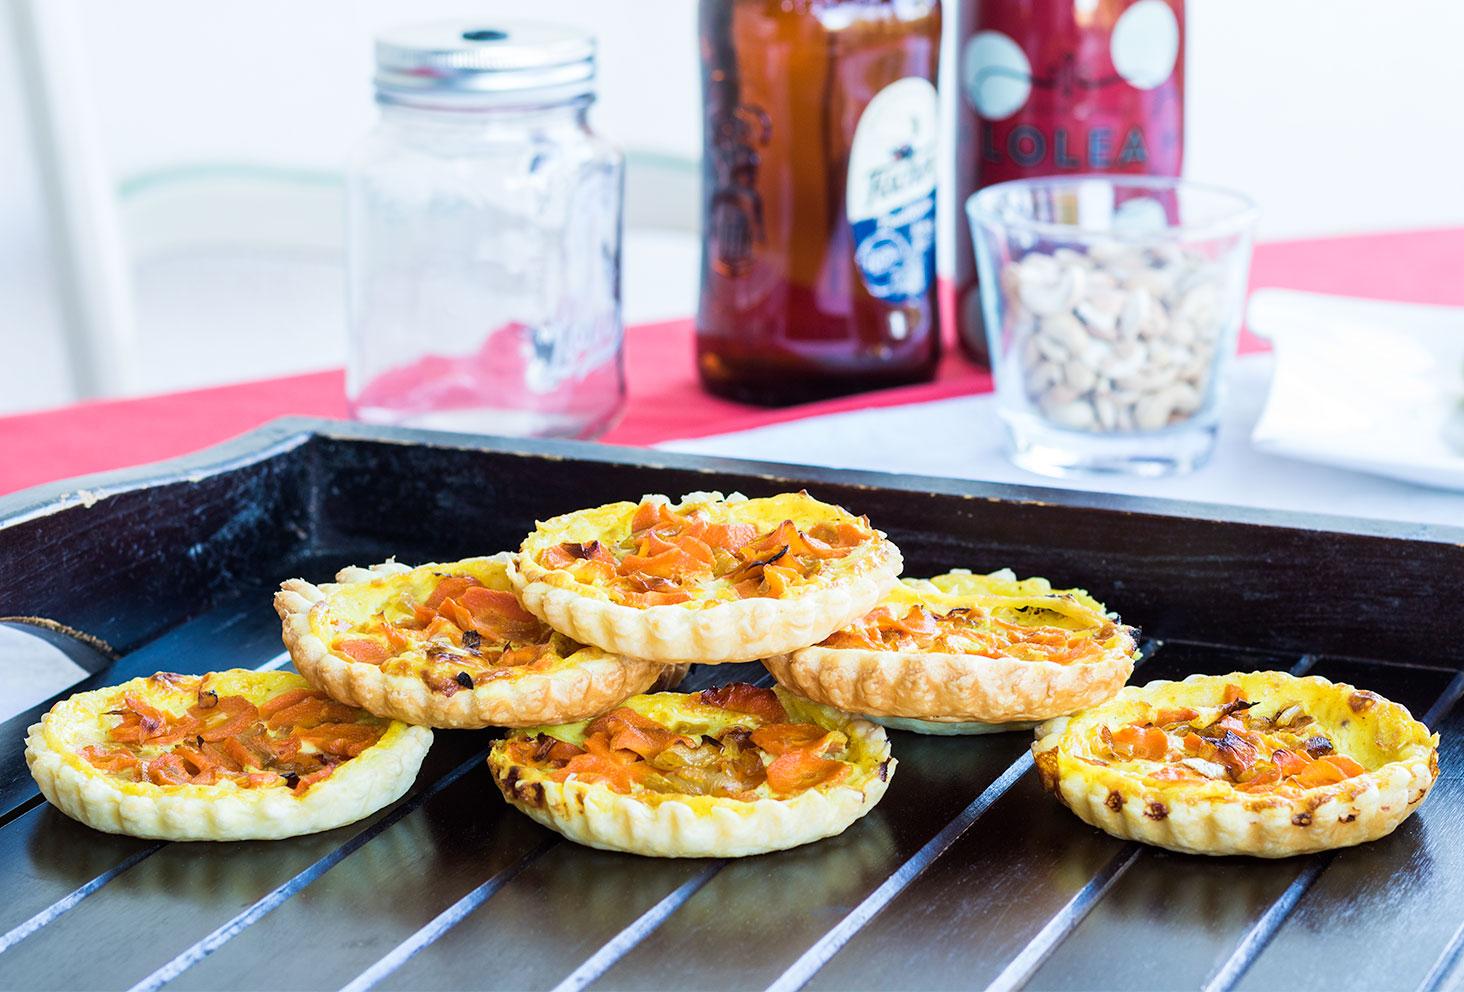 Ensemble des tartelettes aux carottes et curry avec un fond de Vache Qui Rit, pour les recettes de l'été, présentées sur un grand plateau